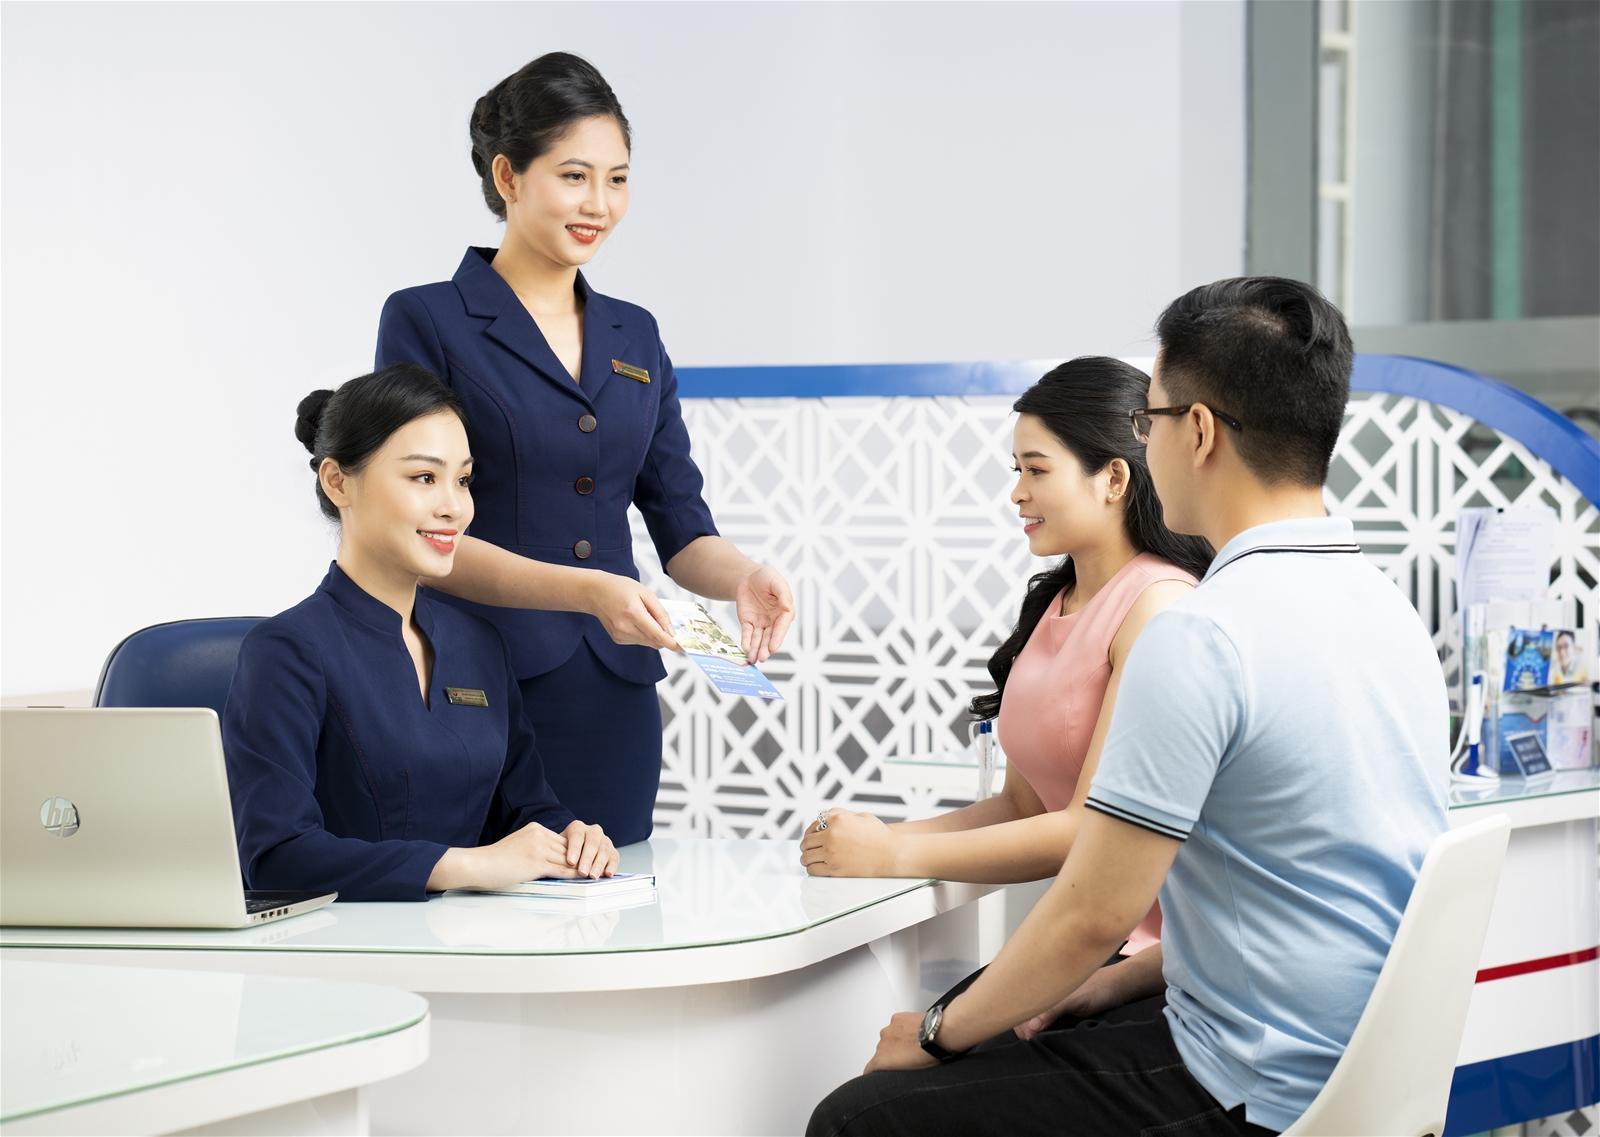 Nâng cao chất lượng sản phẩm dịch vụ ngân hàng – Không chỉ khách hàng hưởng lợi